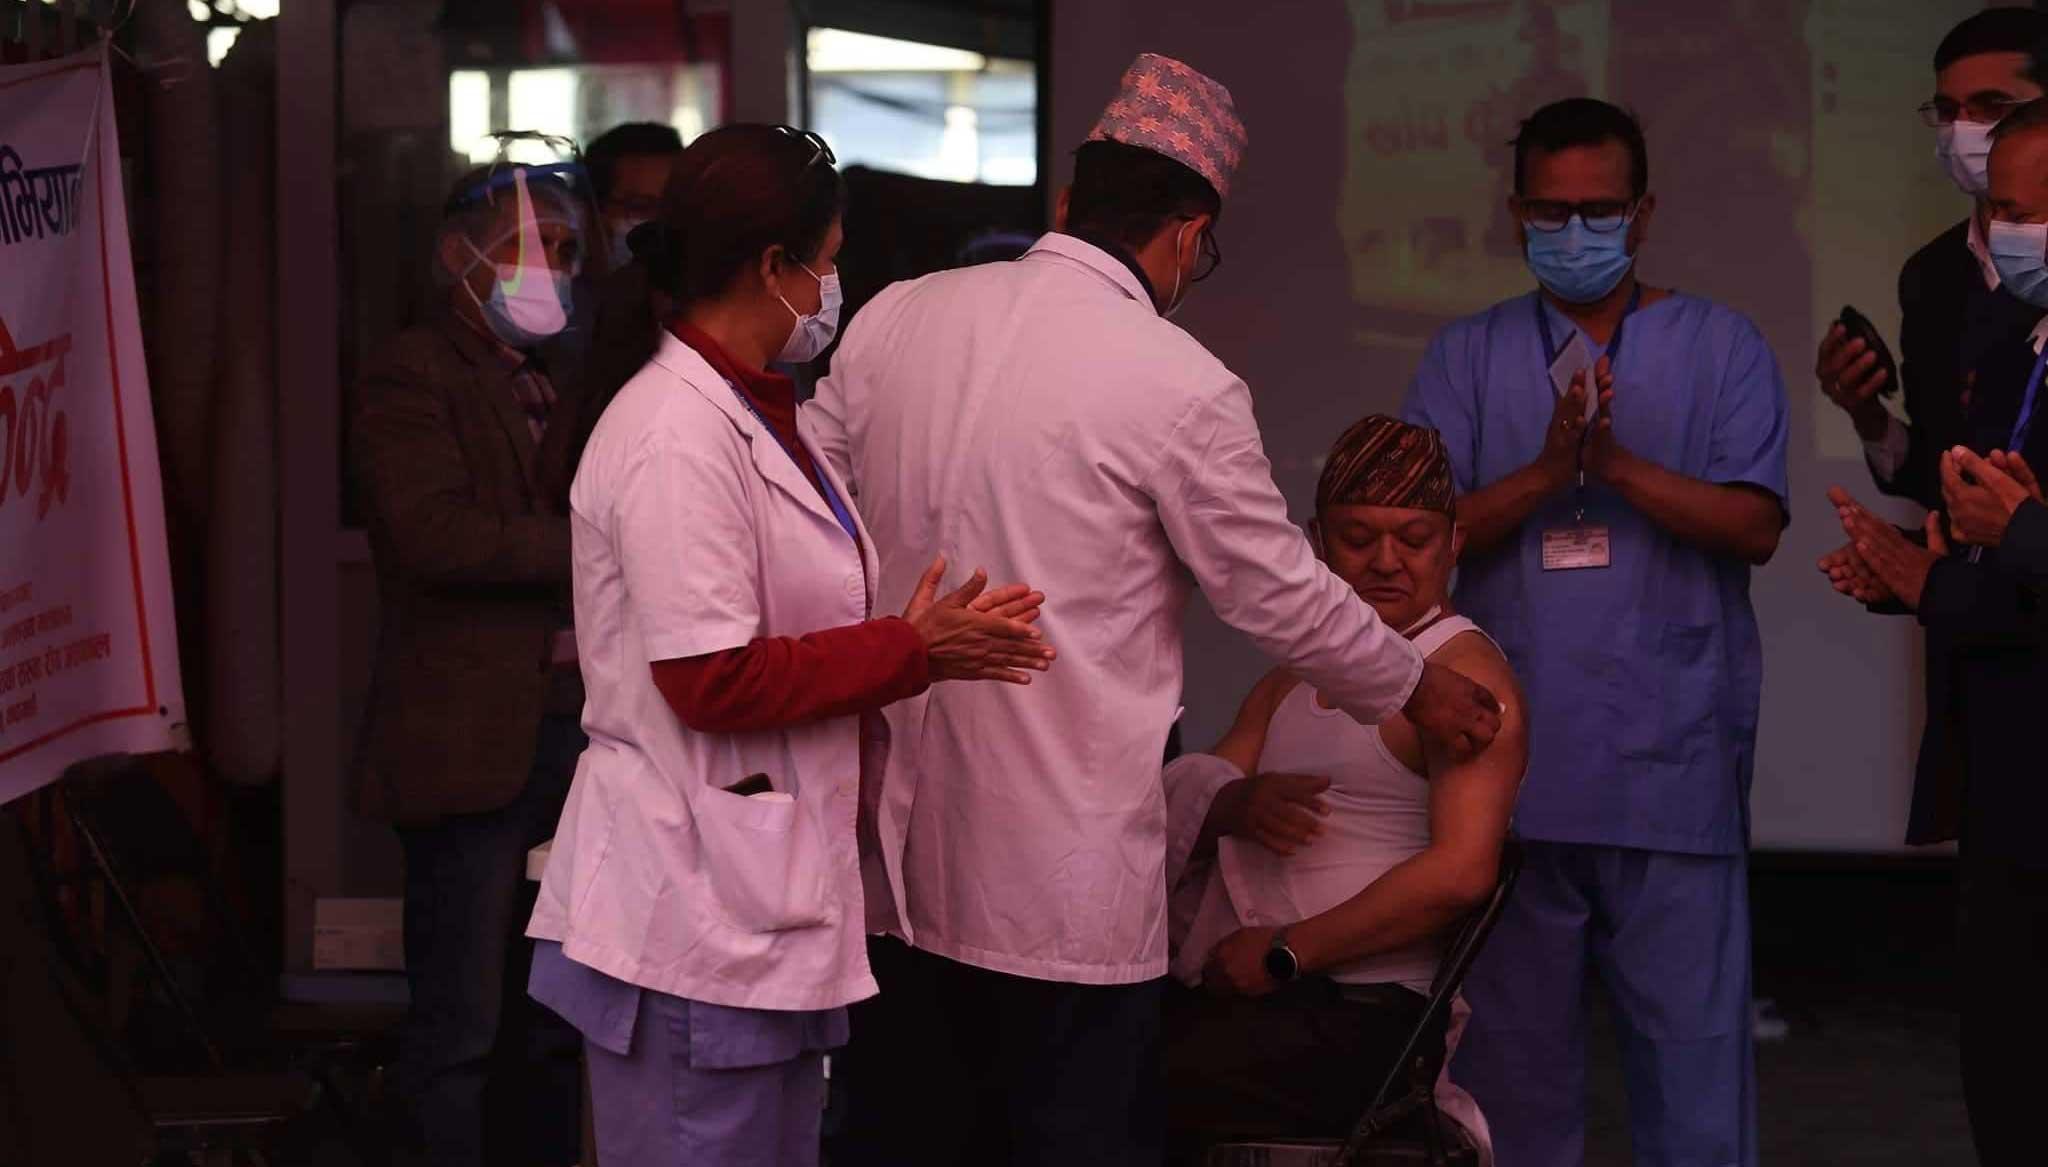 टेकु  अस्पतालका निर्देशकले लगाए नेपालमा पहिलो पटक कोरोनाविरुद्धको खोप